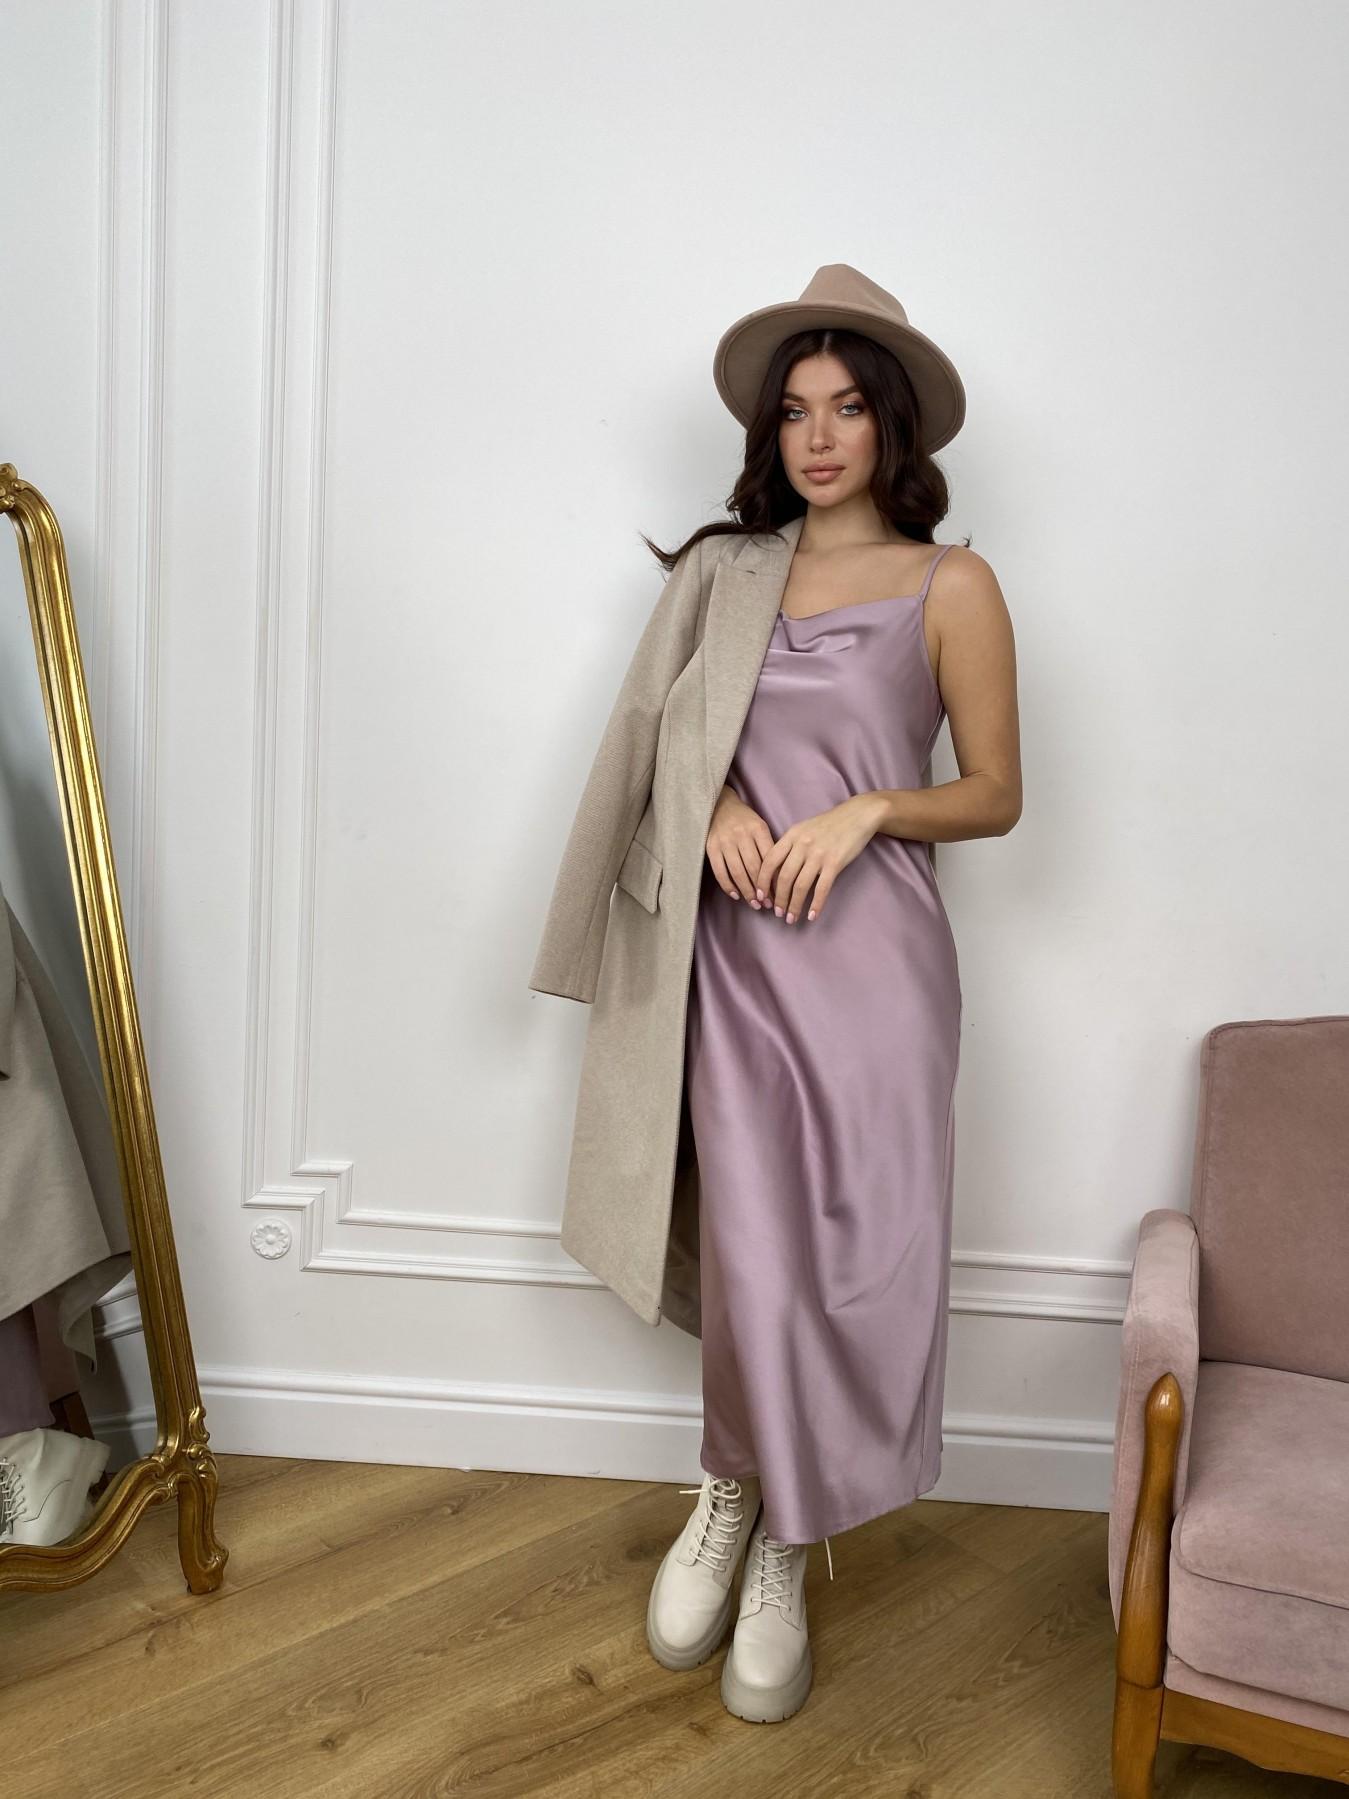 Камая Лайт платье из шелка 10611 АРТ. 46985 Цвет: Пудра - фото 8, интернет магазин tm-modus.ru